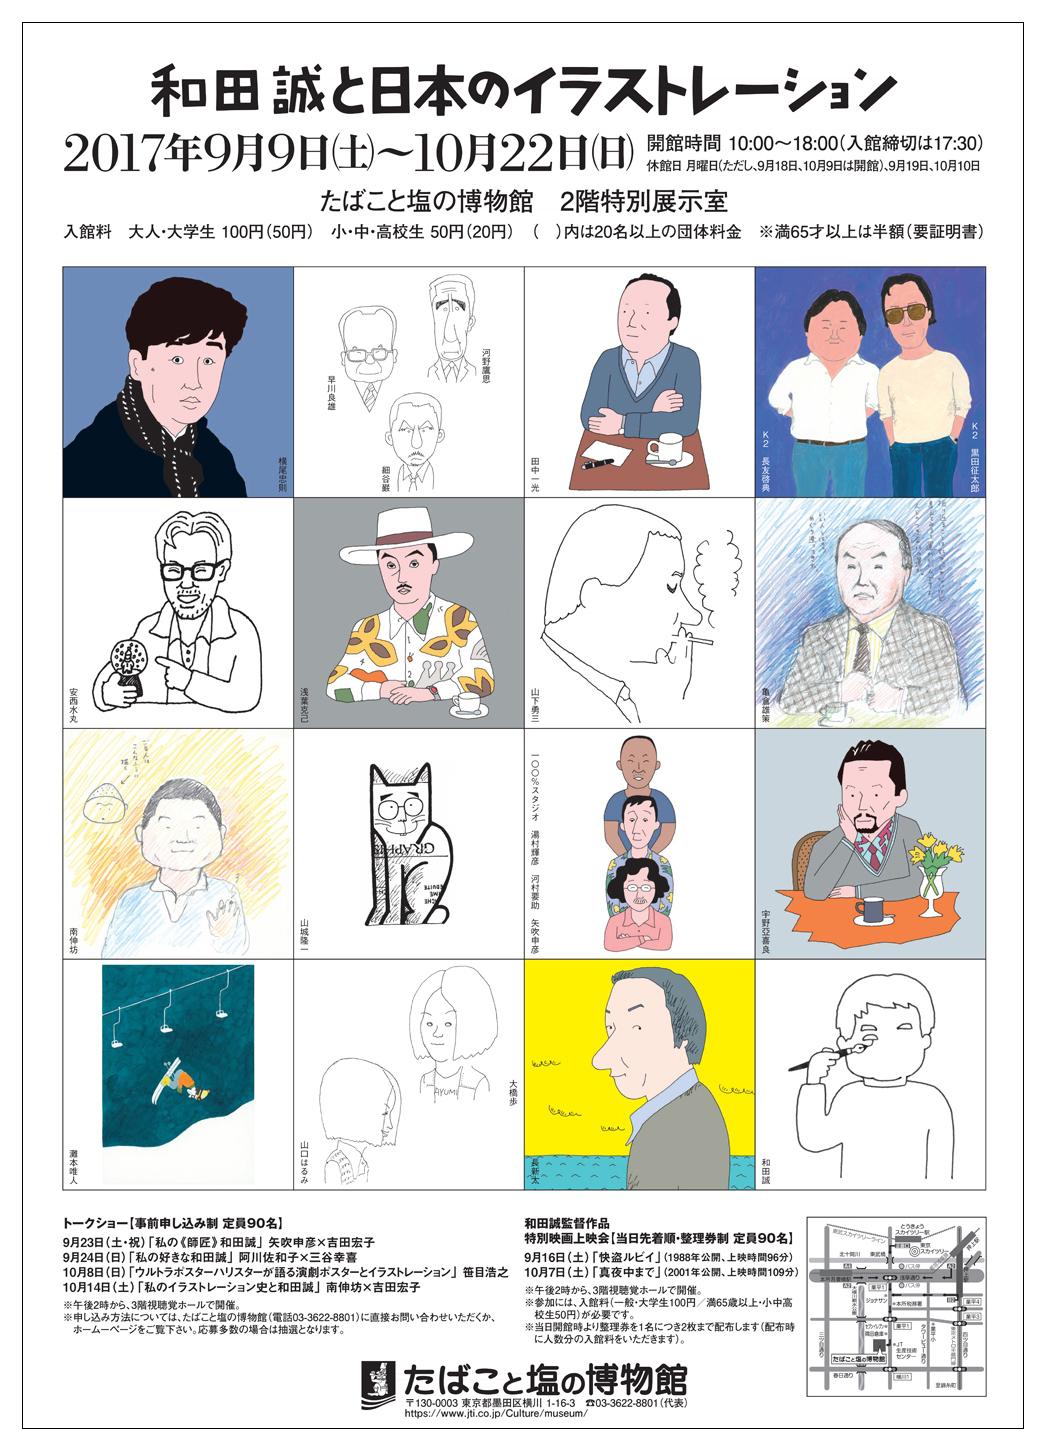 『和田誠と日本のイラストレーション』矢吹申彦がデザインした本展覧会のポスター。イラストレーターたちの似顔絵は和田によるもの。